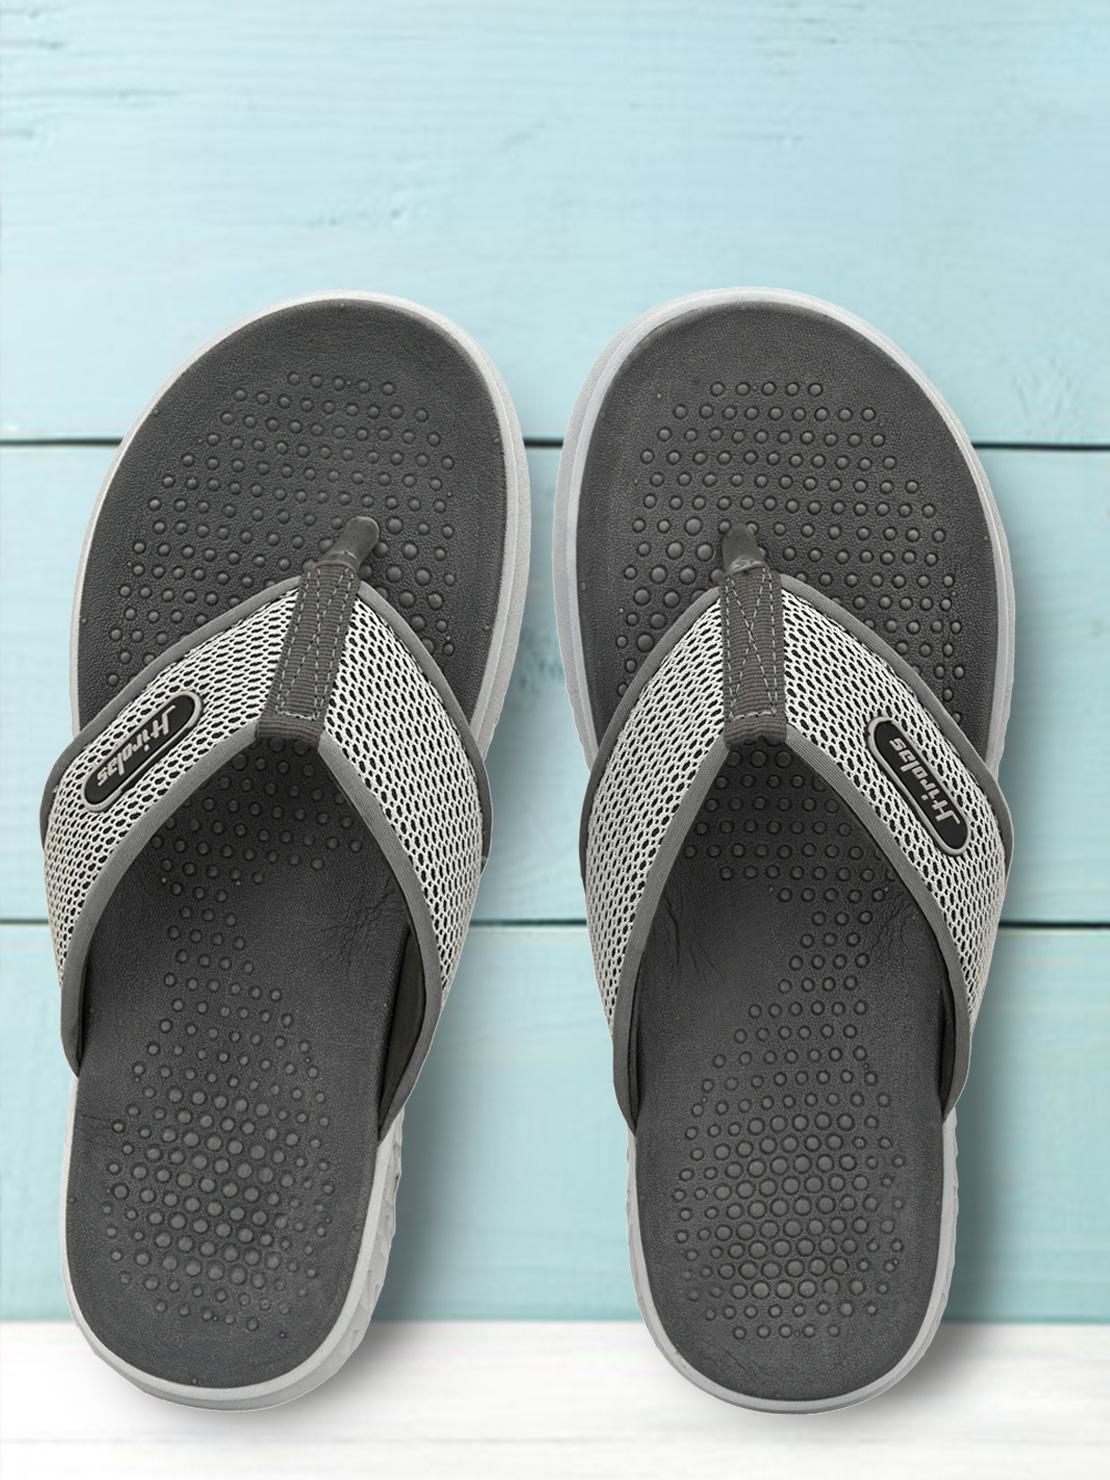 Hirolas | HIROLAS CLOUDWALK | Comfortable | Ultra-Soft | Light-Weight | Shock Absorbent | Bounce Back Technology | Water-Resistant | Flip Flops | Slippers for Men - Grey